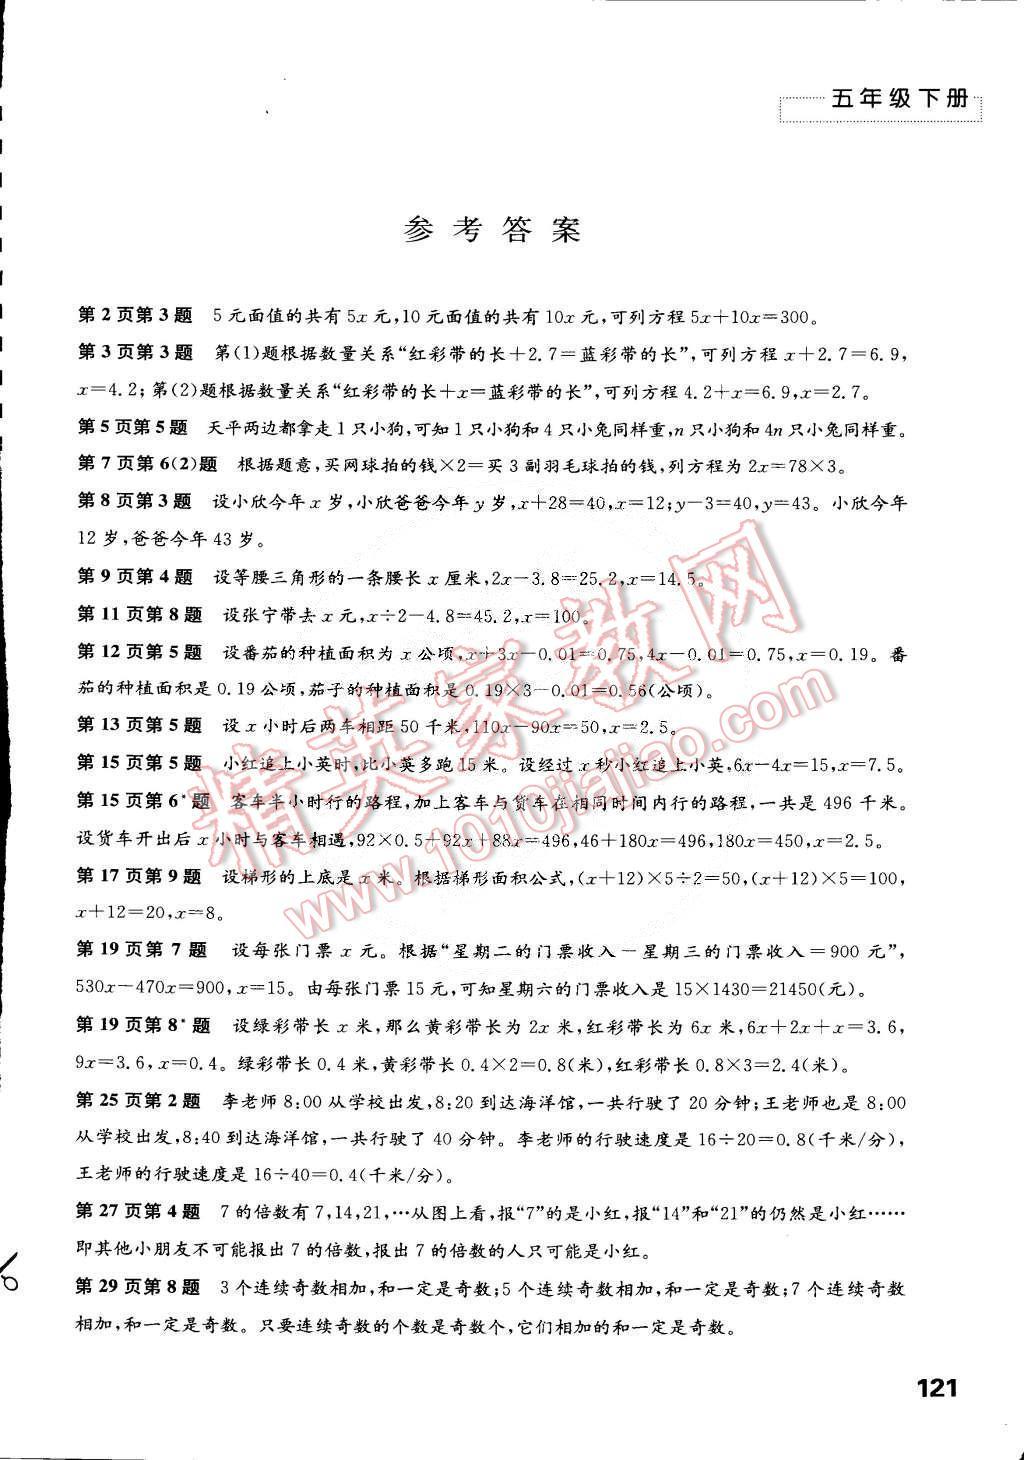 2015年练习与测试小学数学五年级下册苏教版第1页